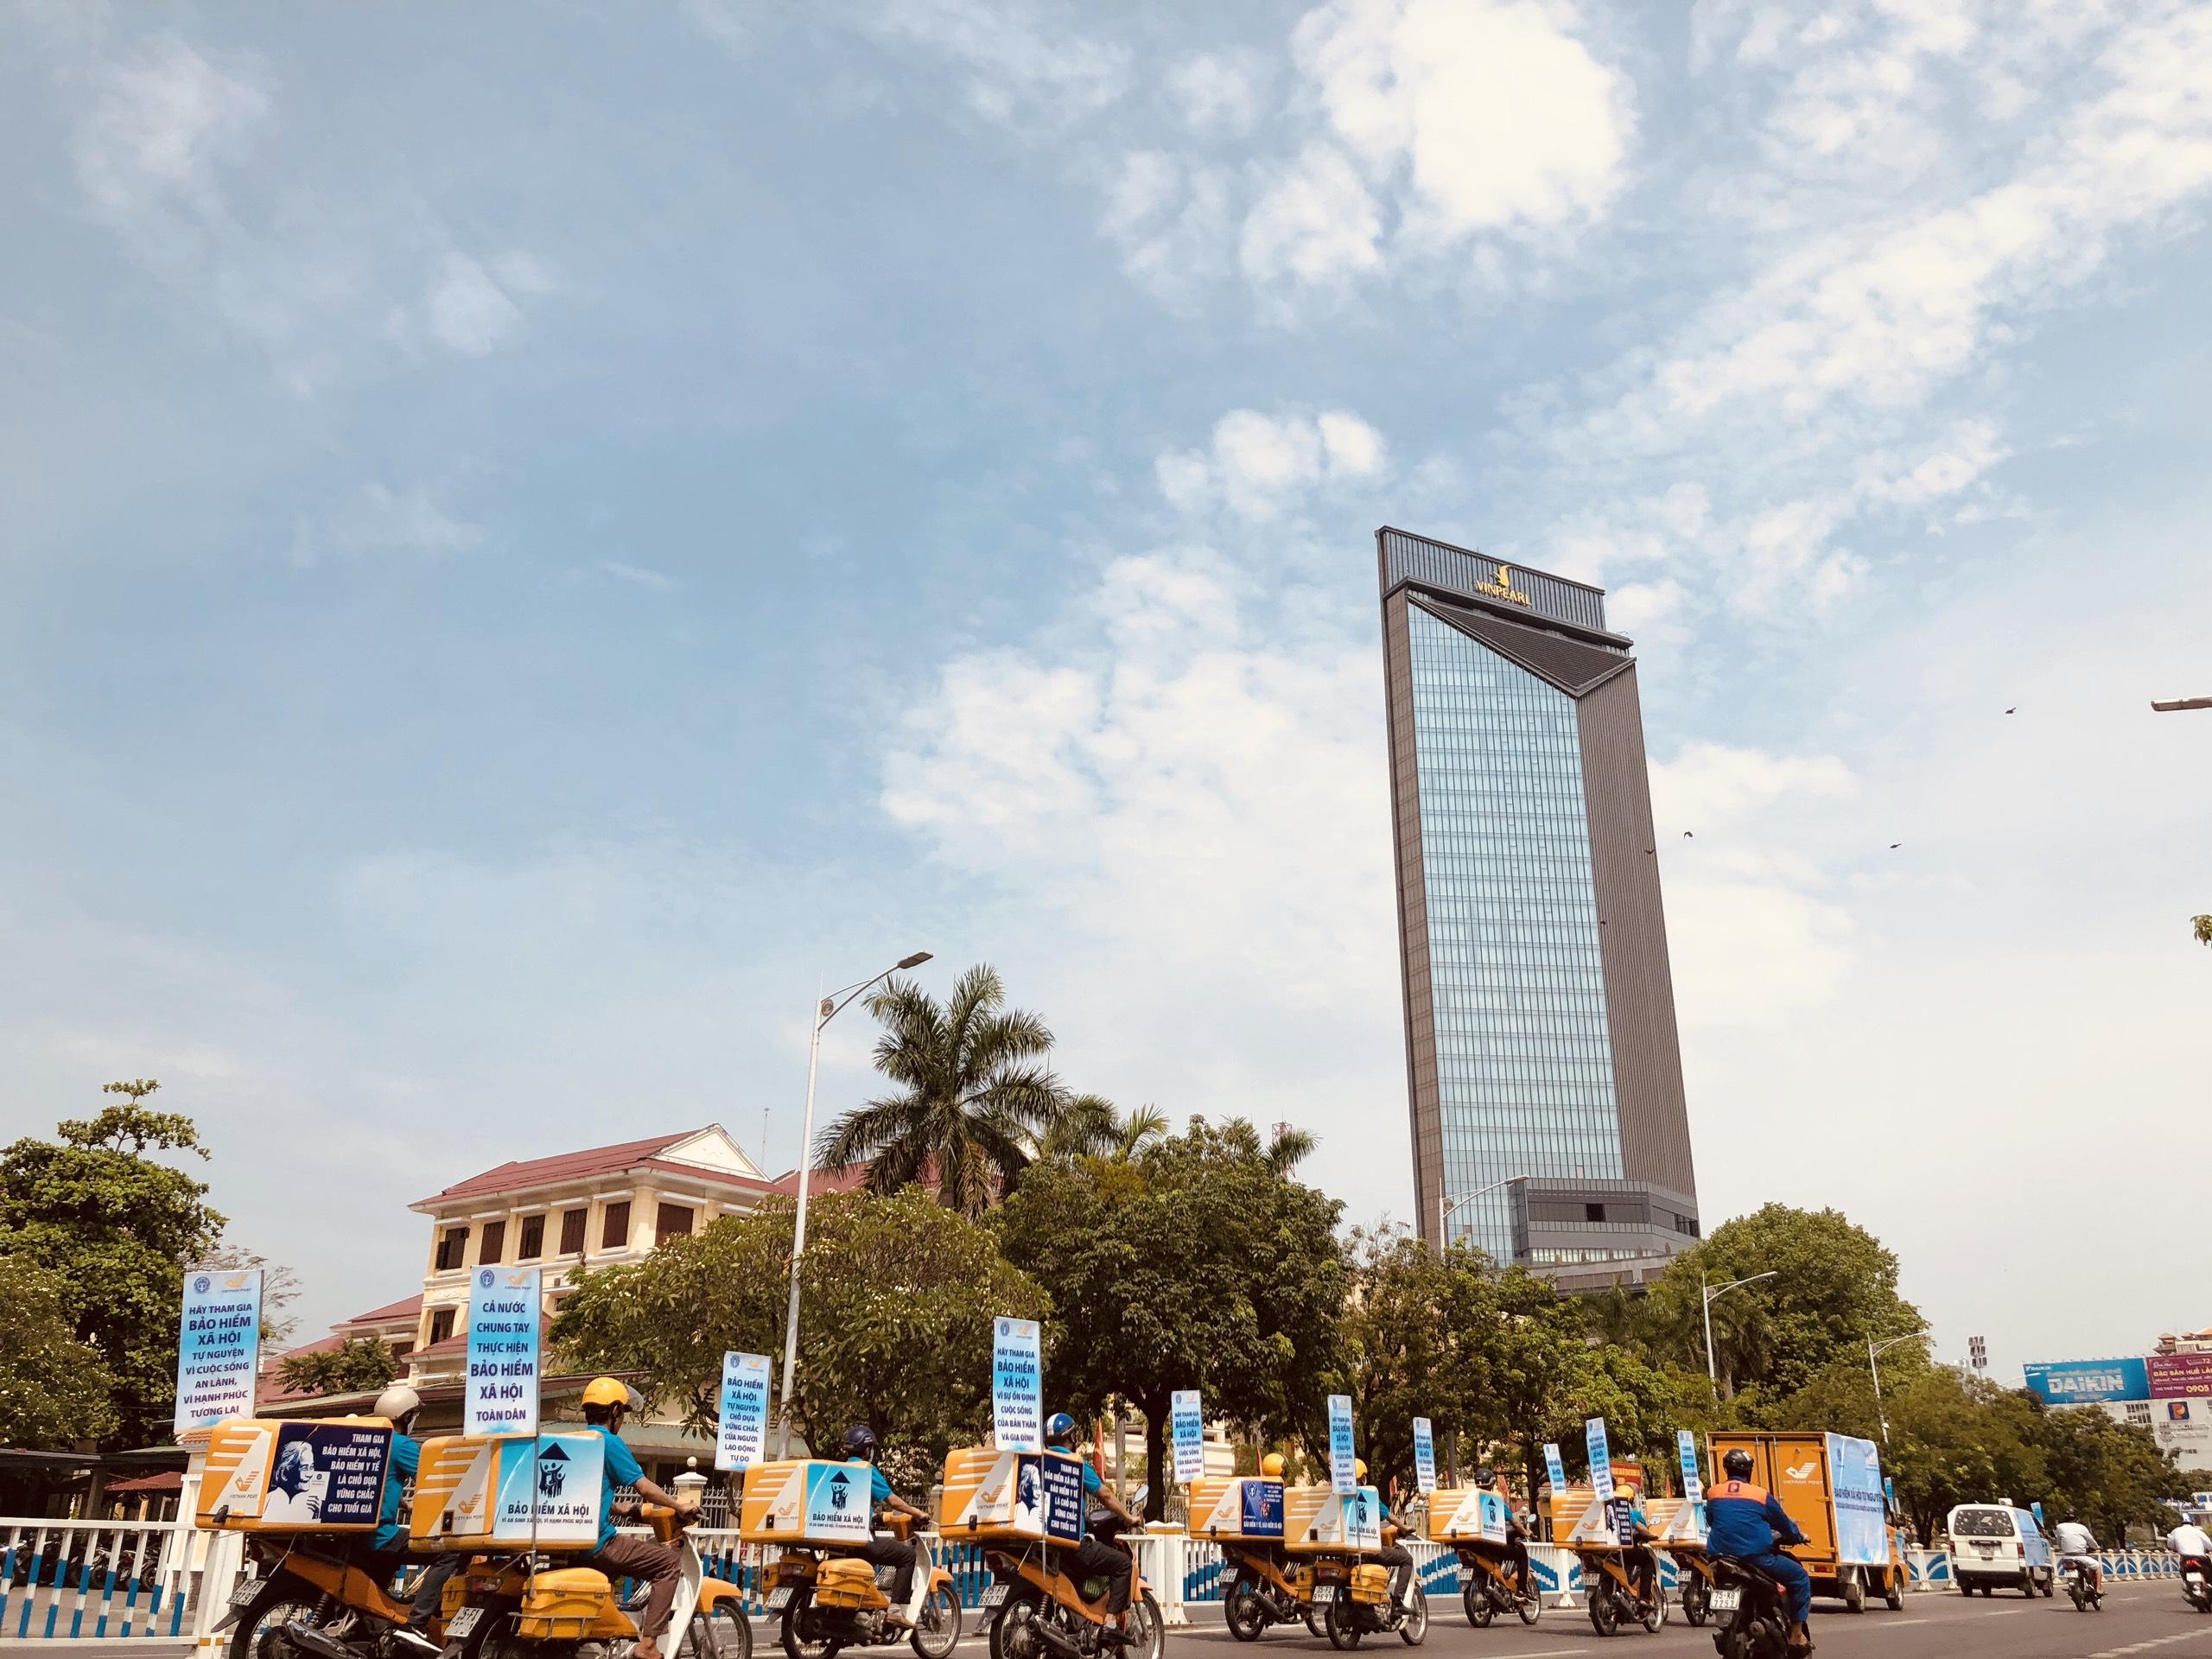 Đoàn xe tuyên truyền chính sách Bảo hiểm xã hội tự nguyện trên đường phố Huế